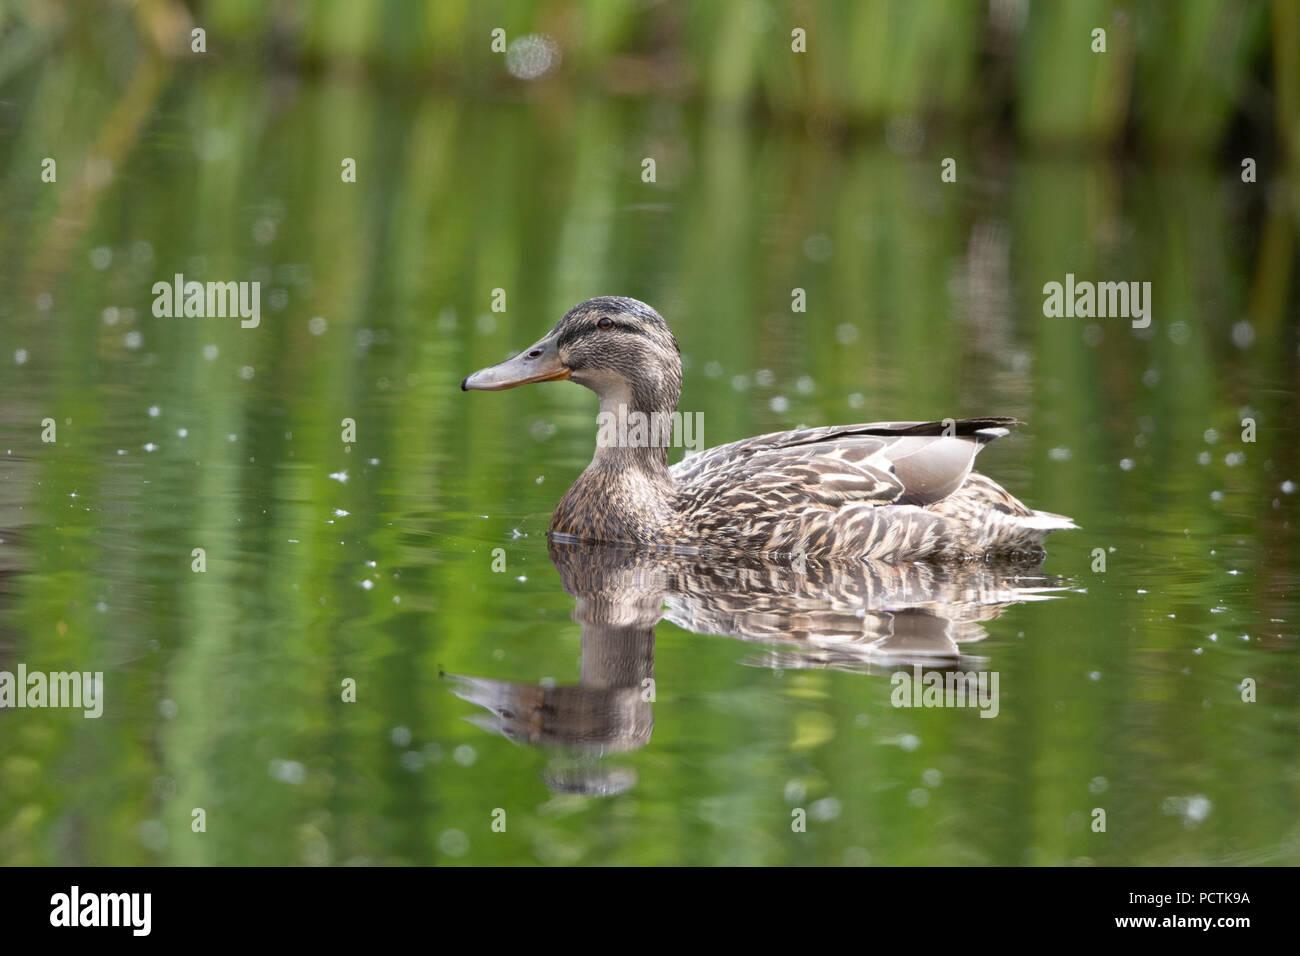 Femmina Mallard duck cercando felice come mothering otto anatroccoli Immagini Stock